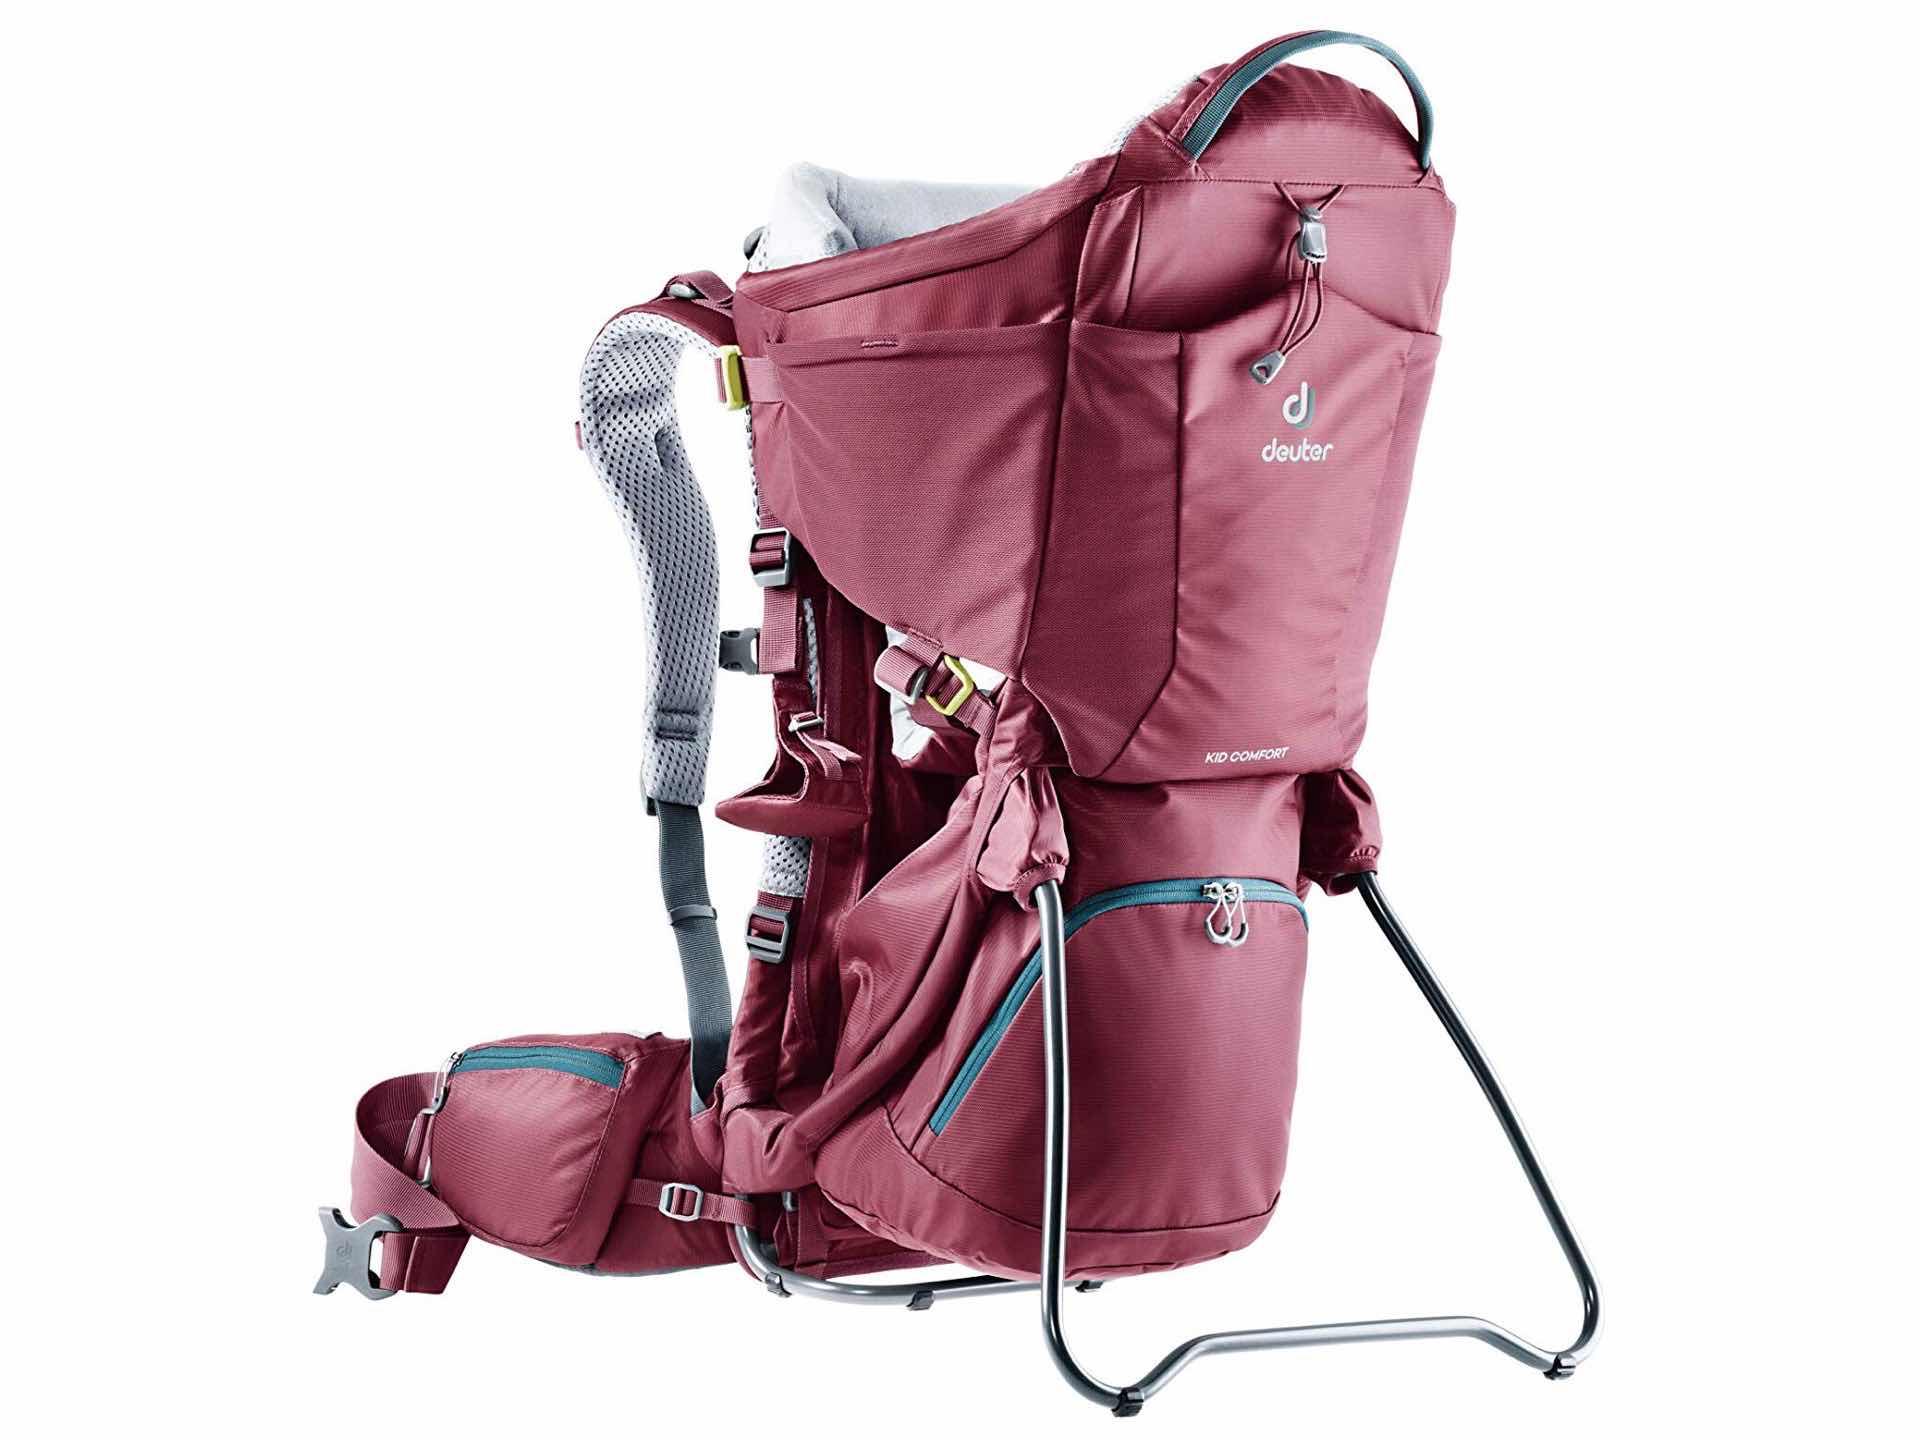 deuter-kid-comfort-hiking-baby-carrier